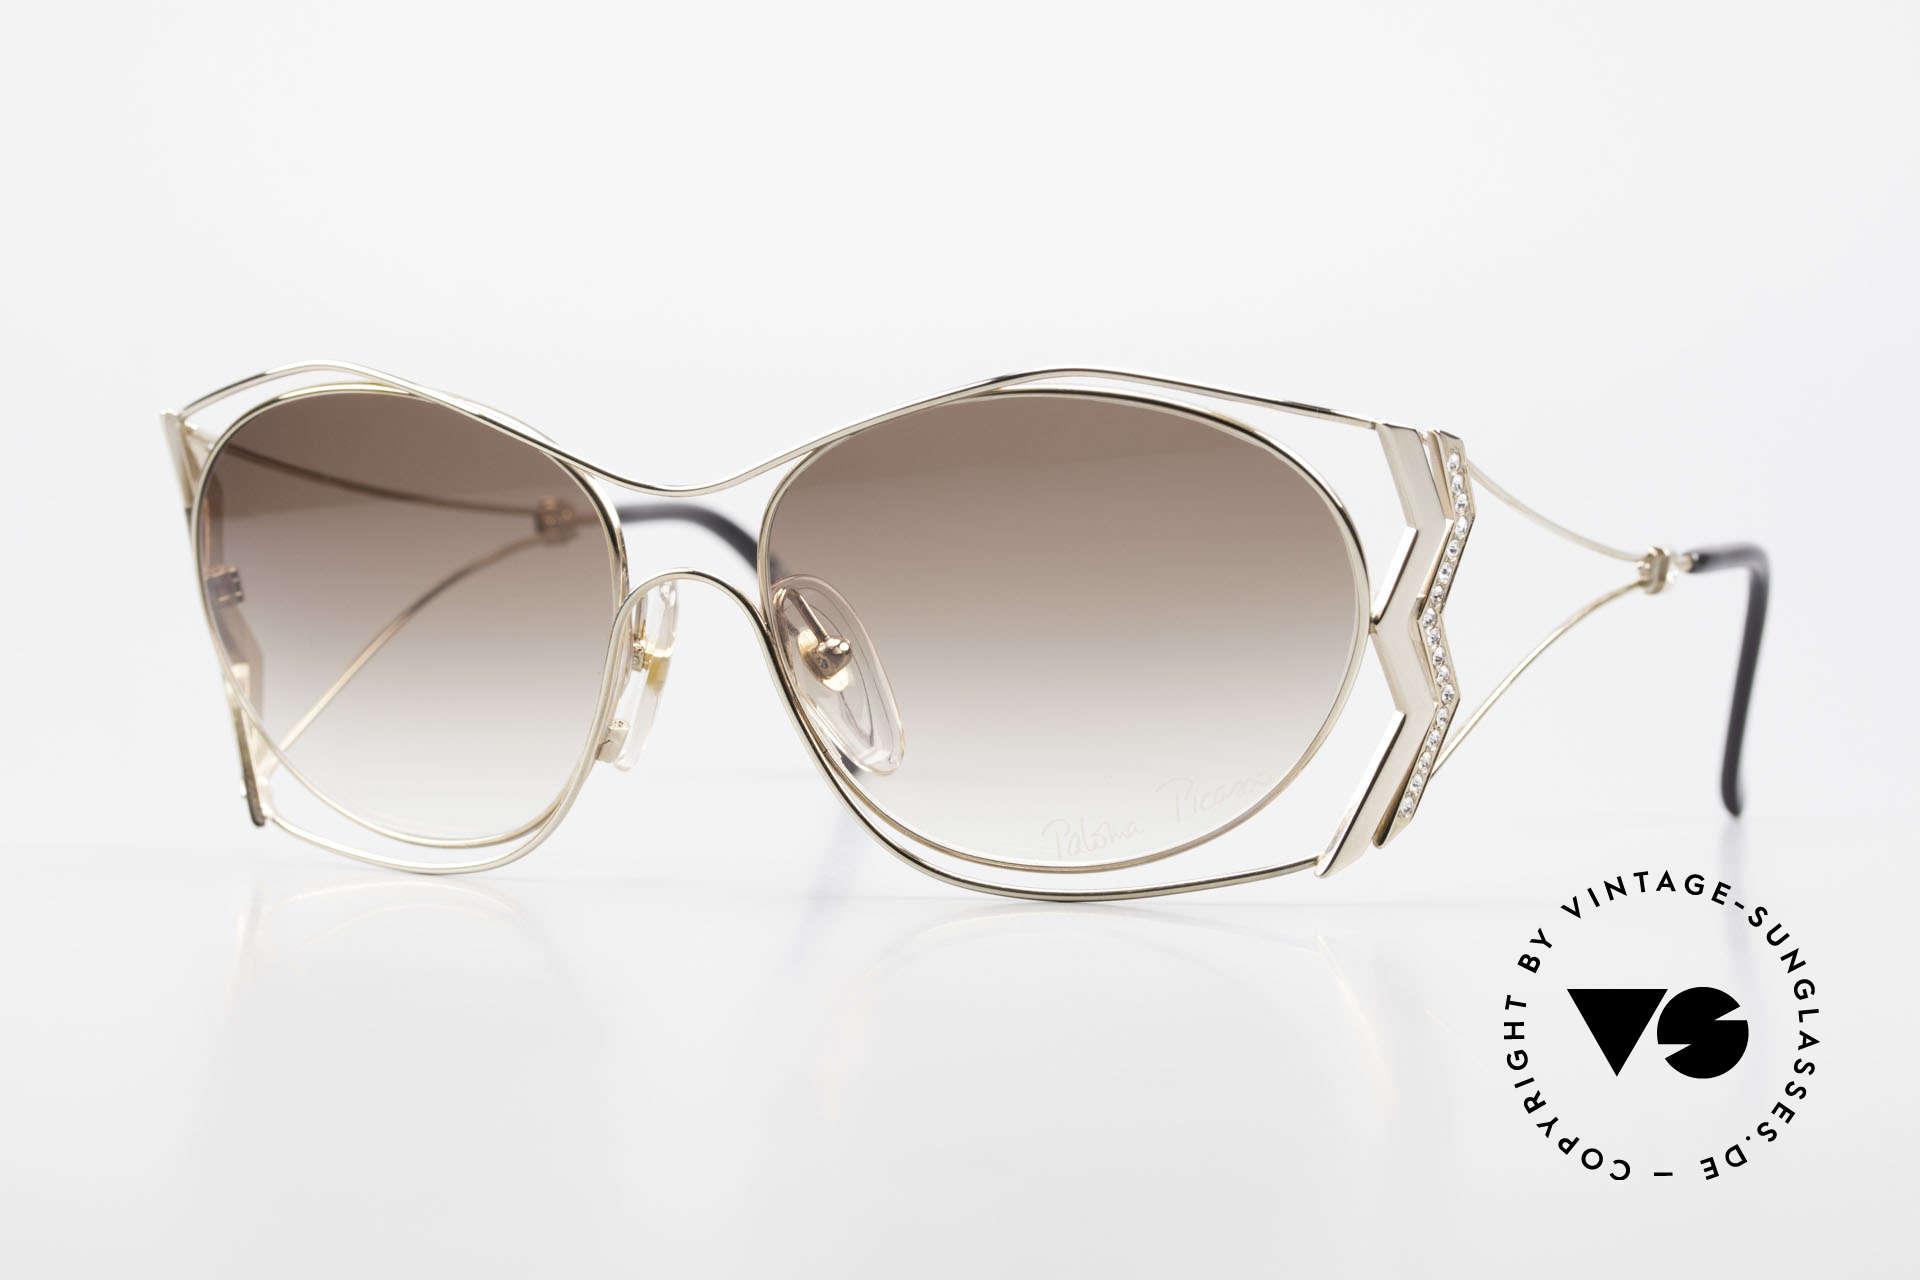 Paloma Picasso 3707 Vergoldete 90er Brille Kristall, 90er Picasso Brille, vergoldet und Kristall-Strass, Passend für Damen